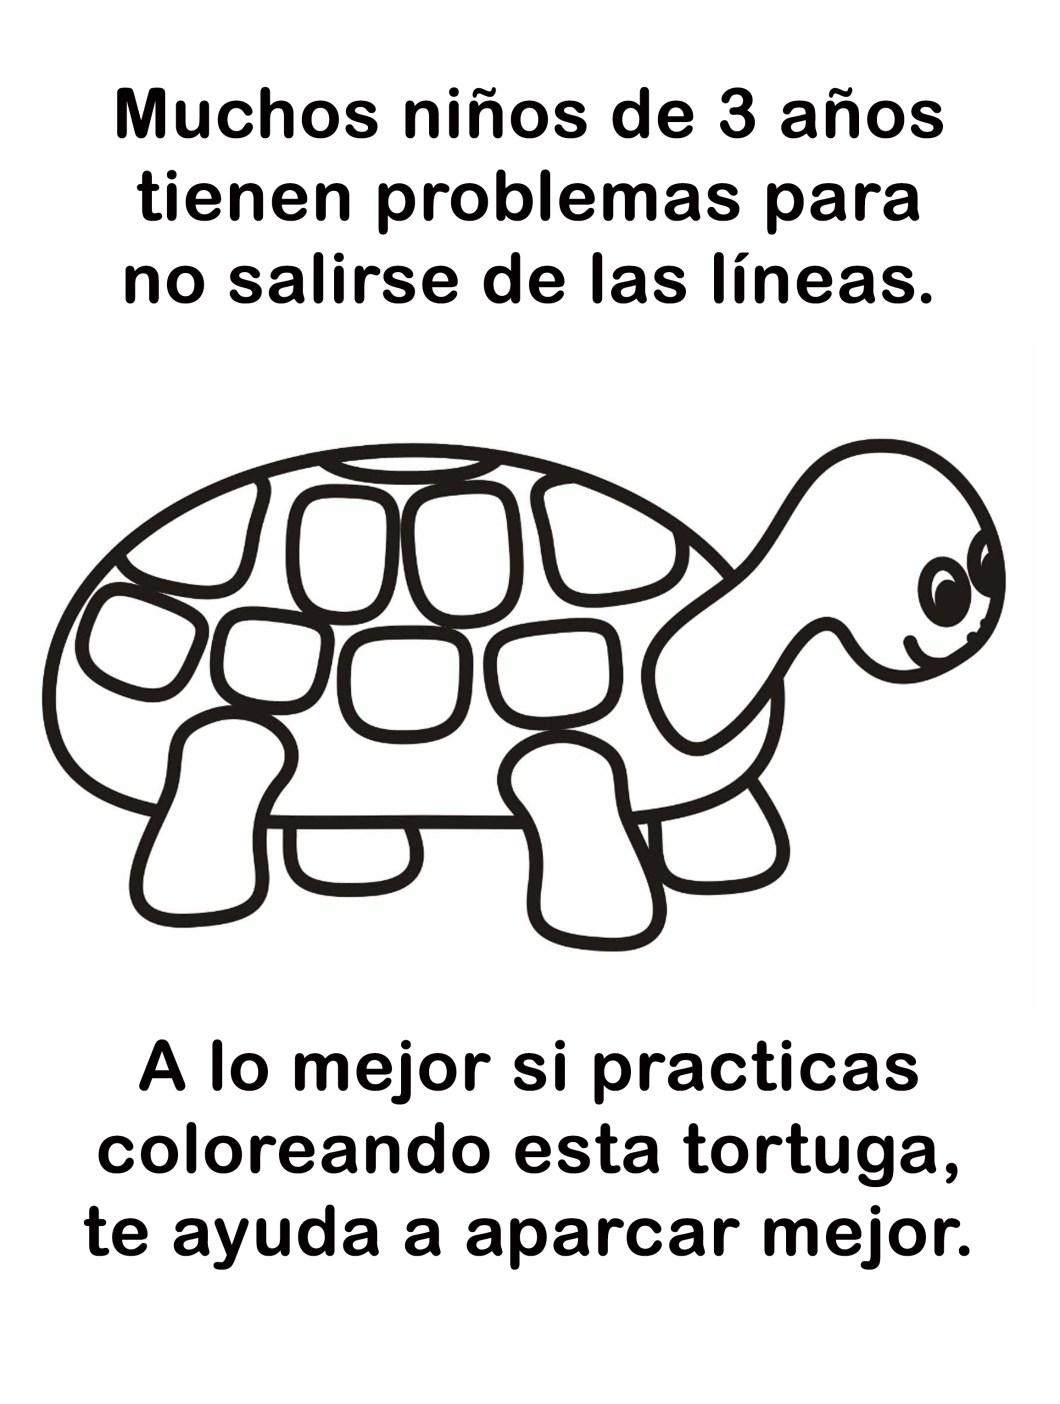 tortuga-colorear-aparcar-mal (2)